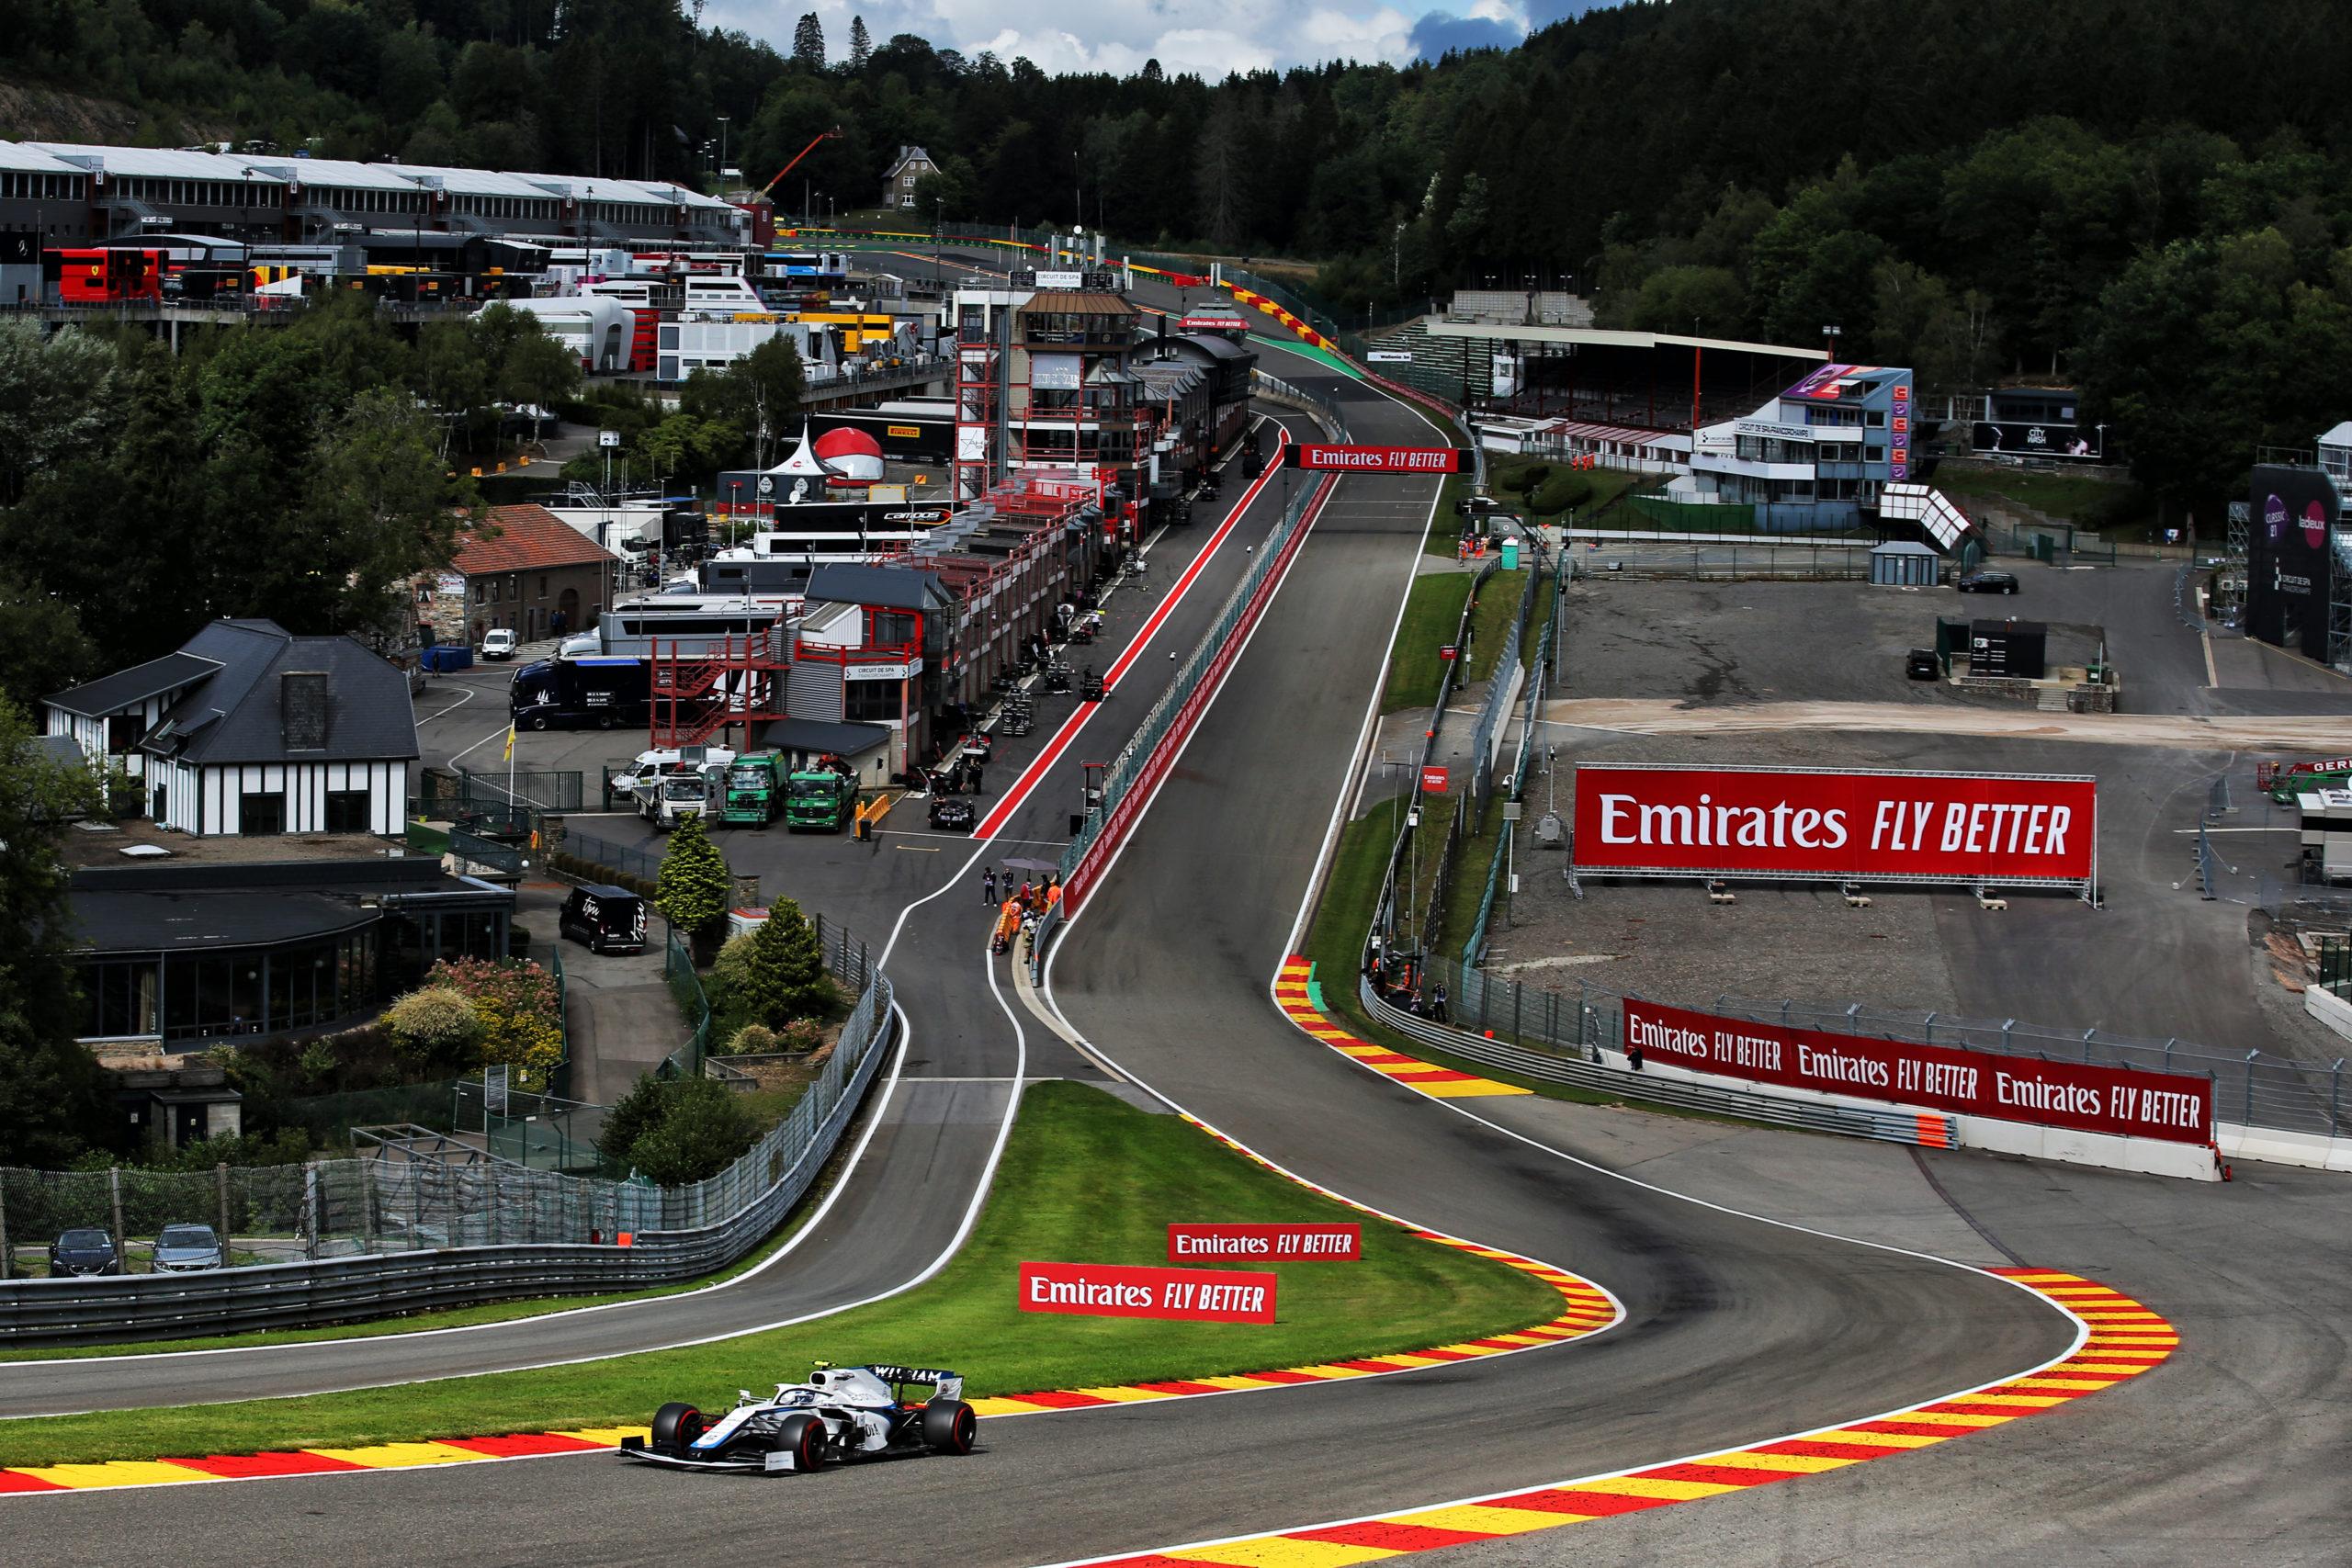 Nicholas Latifi (CDN) Williams Racing FW43. Belgian Grand Prix, Saturday 29th August 2020. Spa-Francorchamps, Belgium.